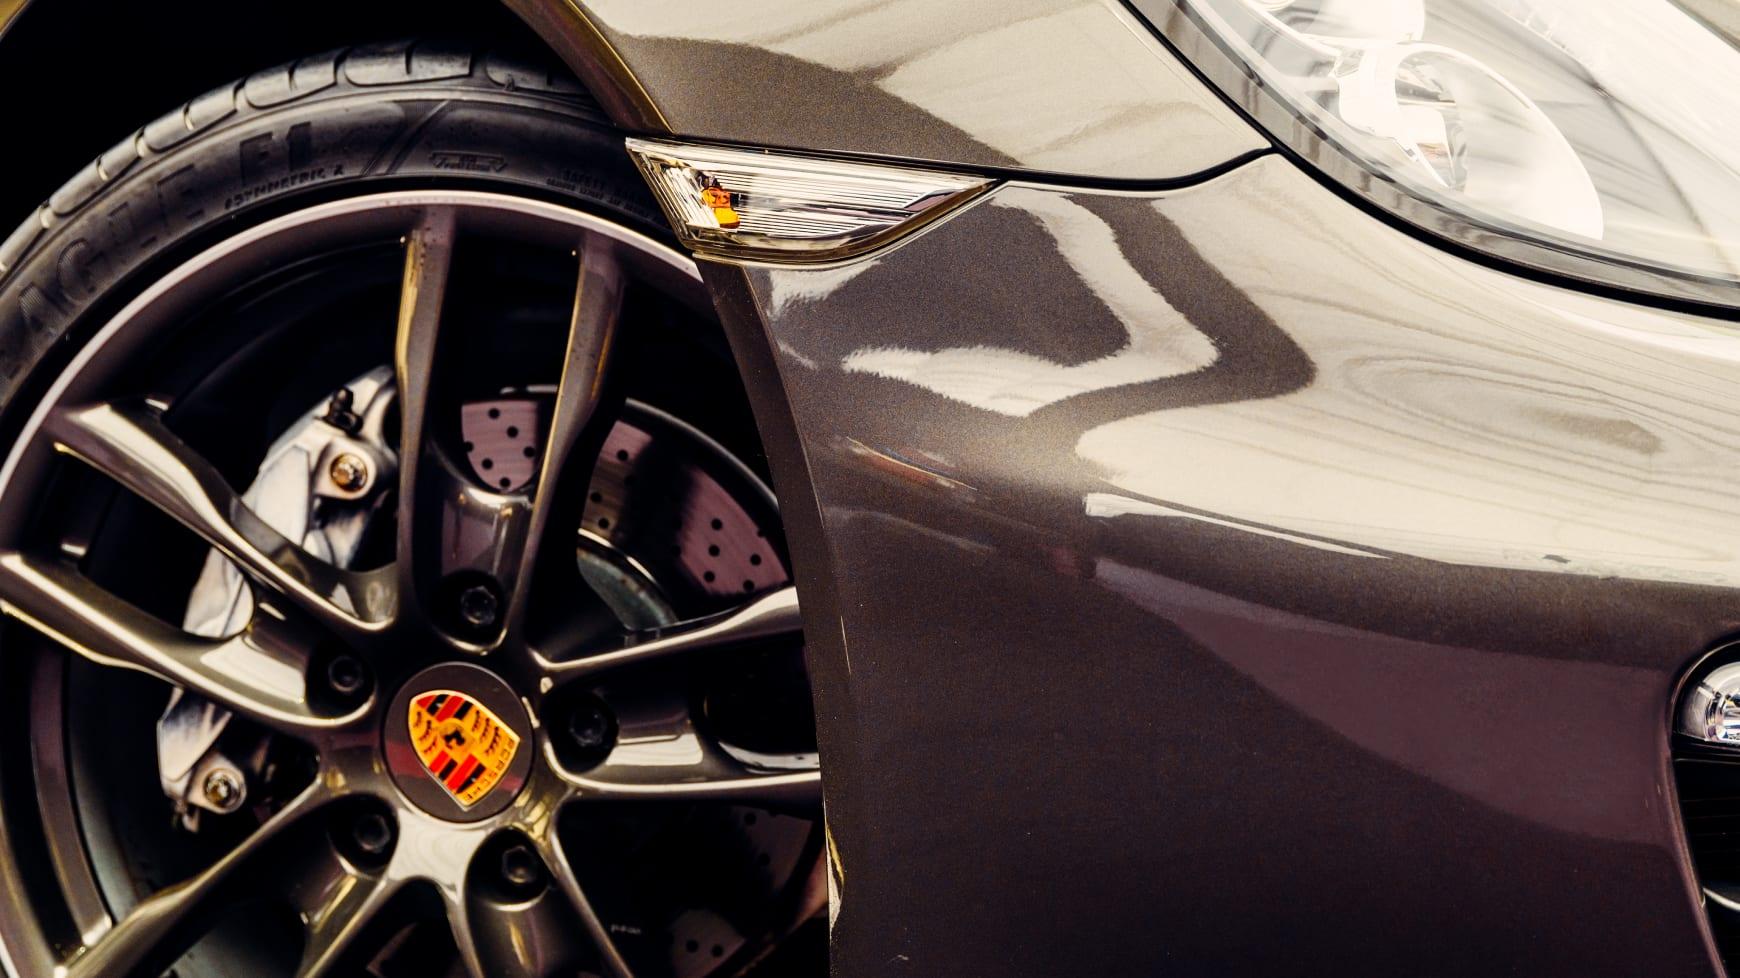 Closeup of an Ultra High Performance Tire on a Porsche